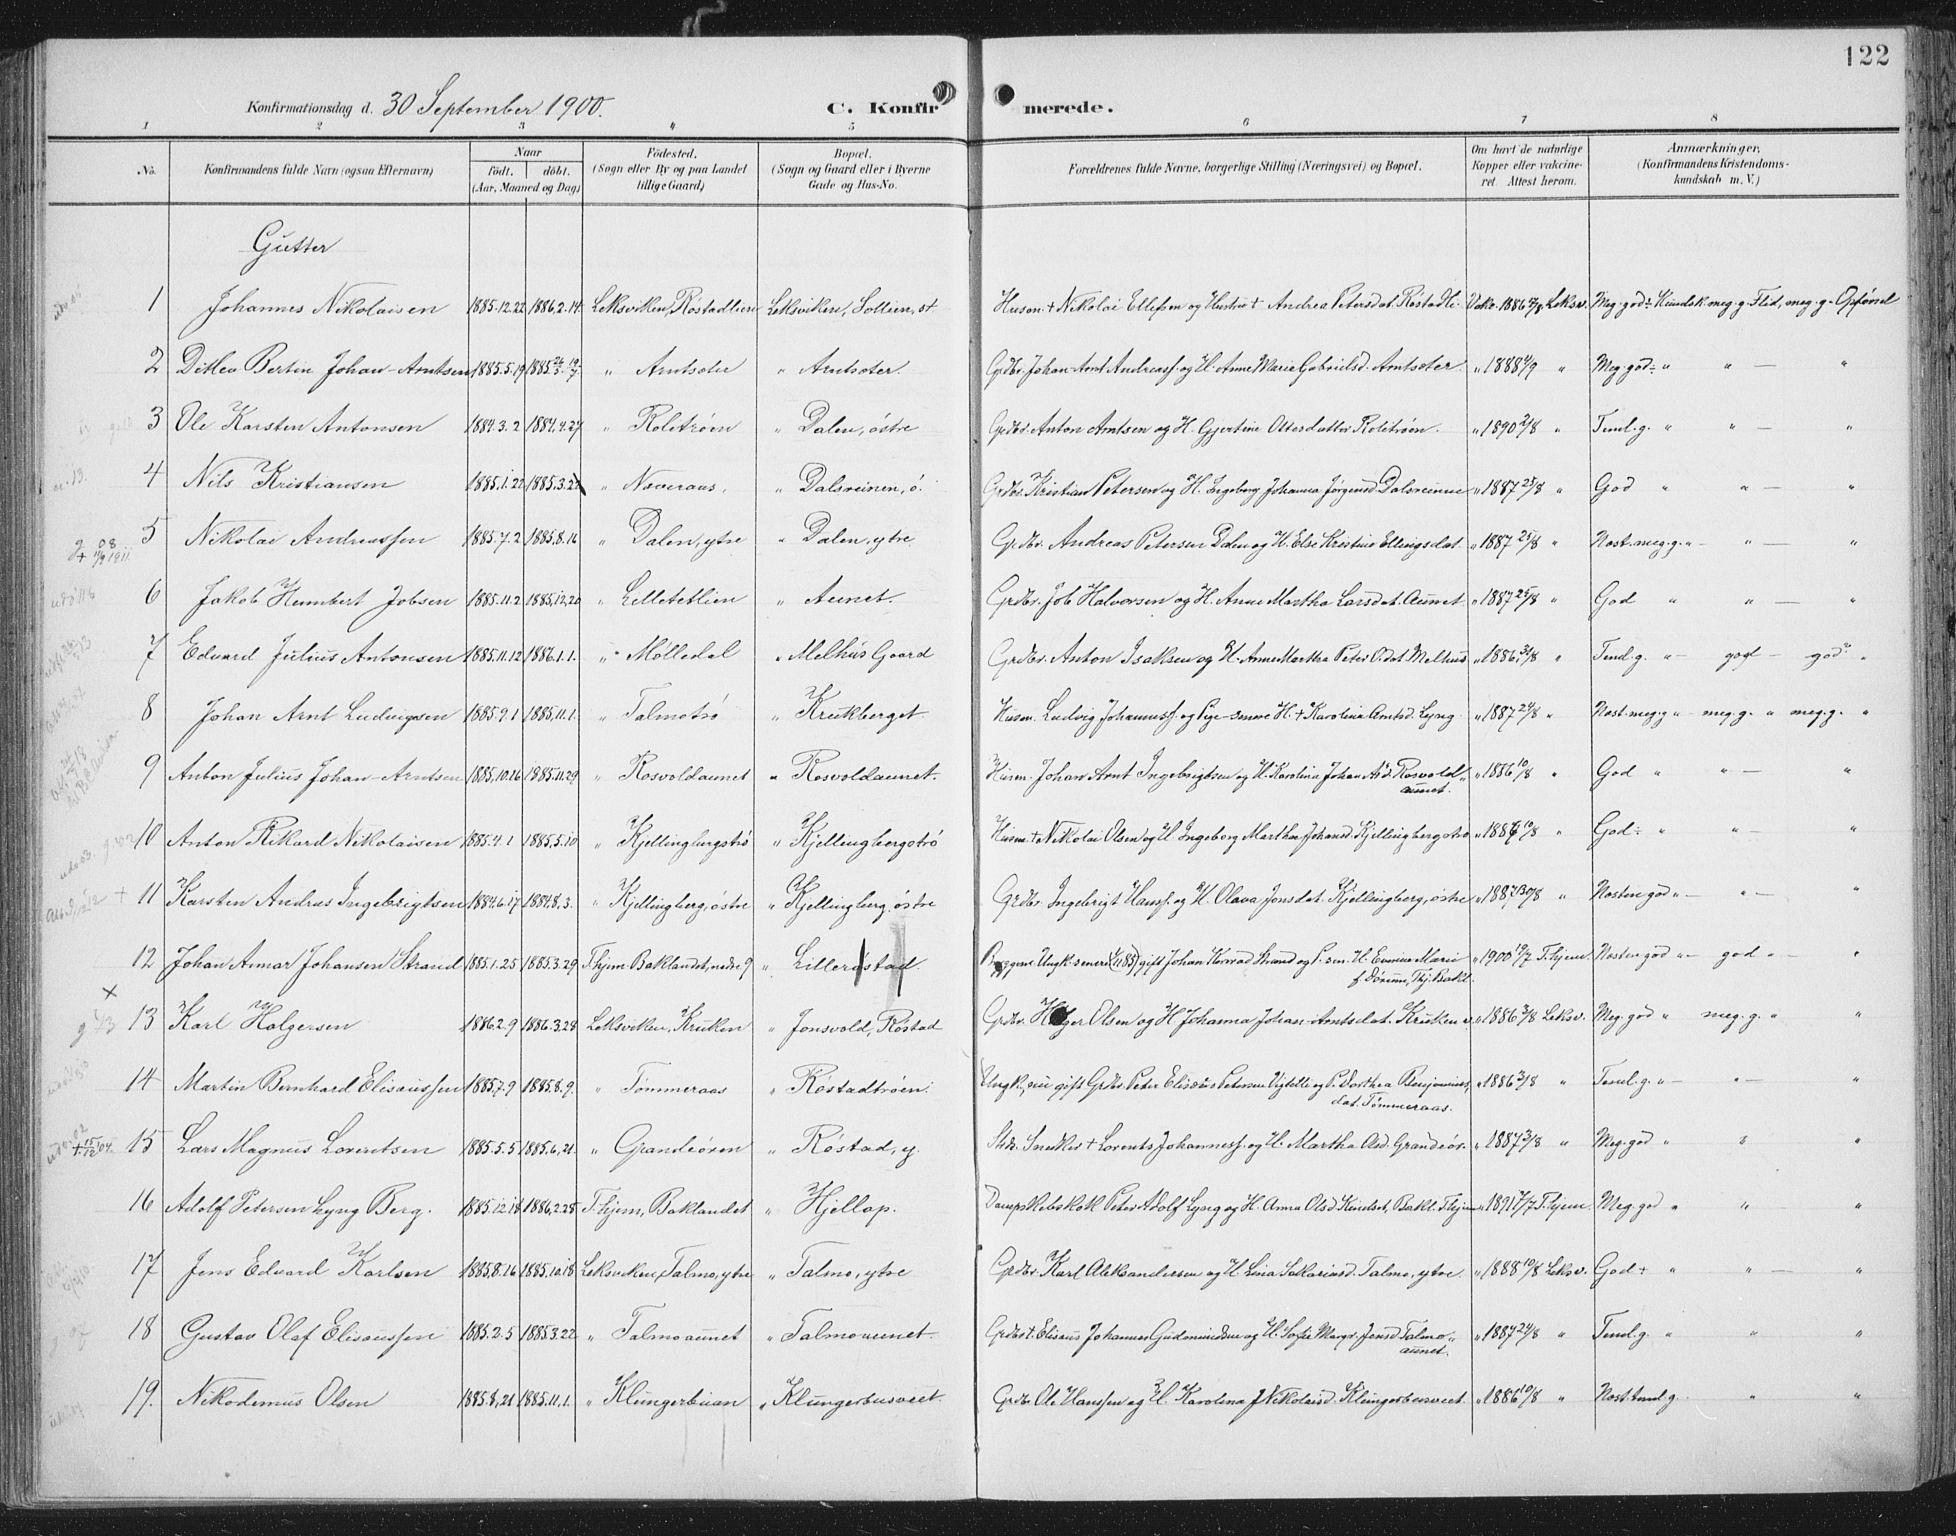 SAT, Ministerialprotokoller, klokkerbøker og fødselsregistre - Nord-Trøndelag, 701/L0011: Ministerialbok nr. 701A11, 1899-1915, s. 122